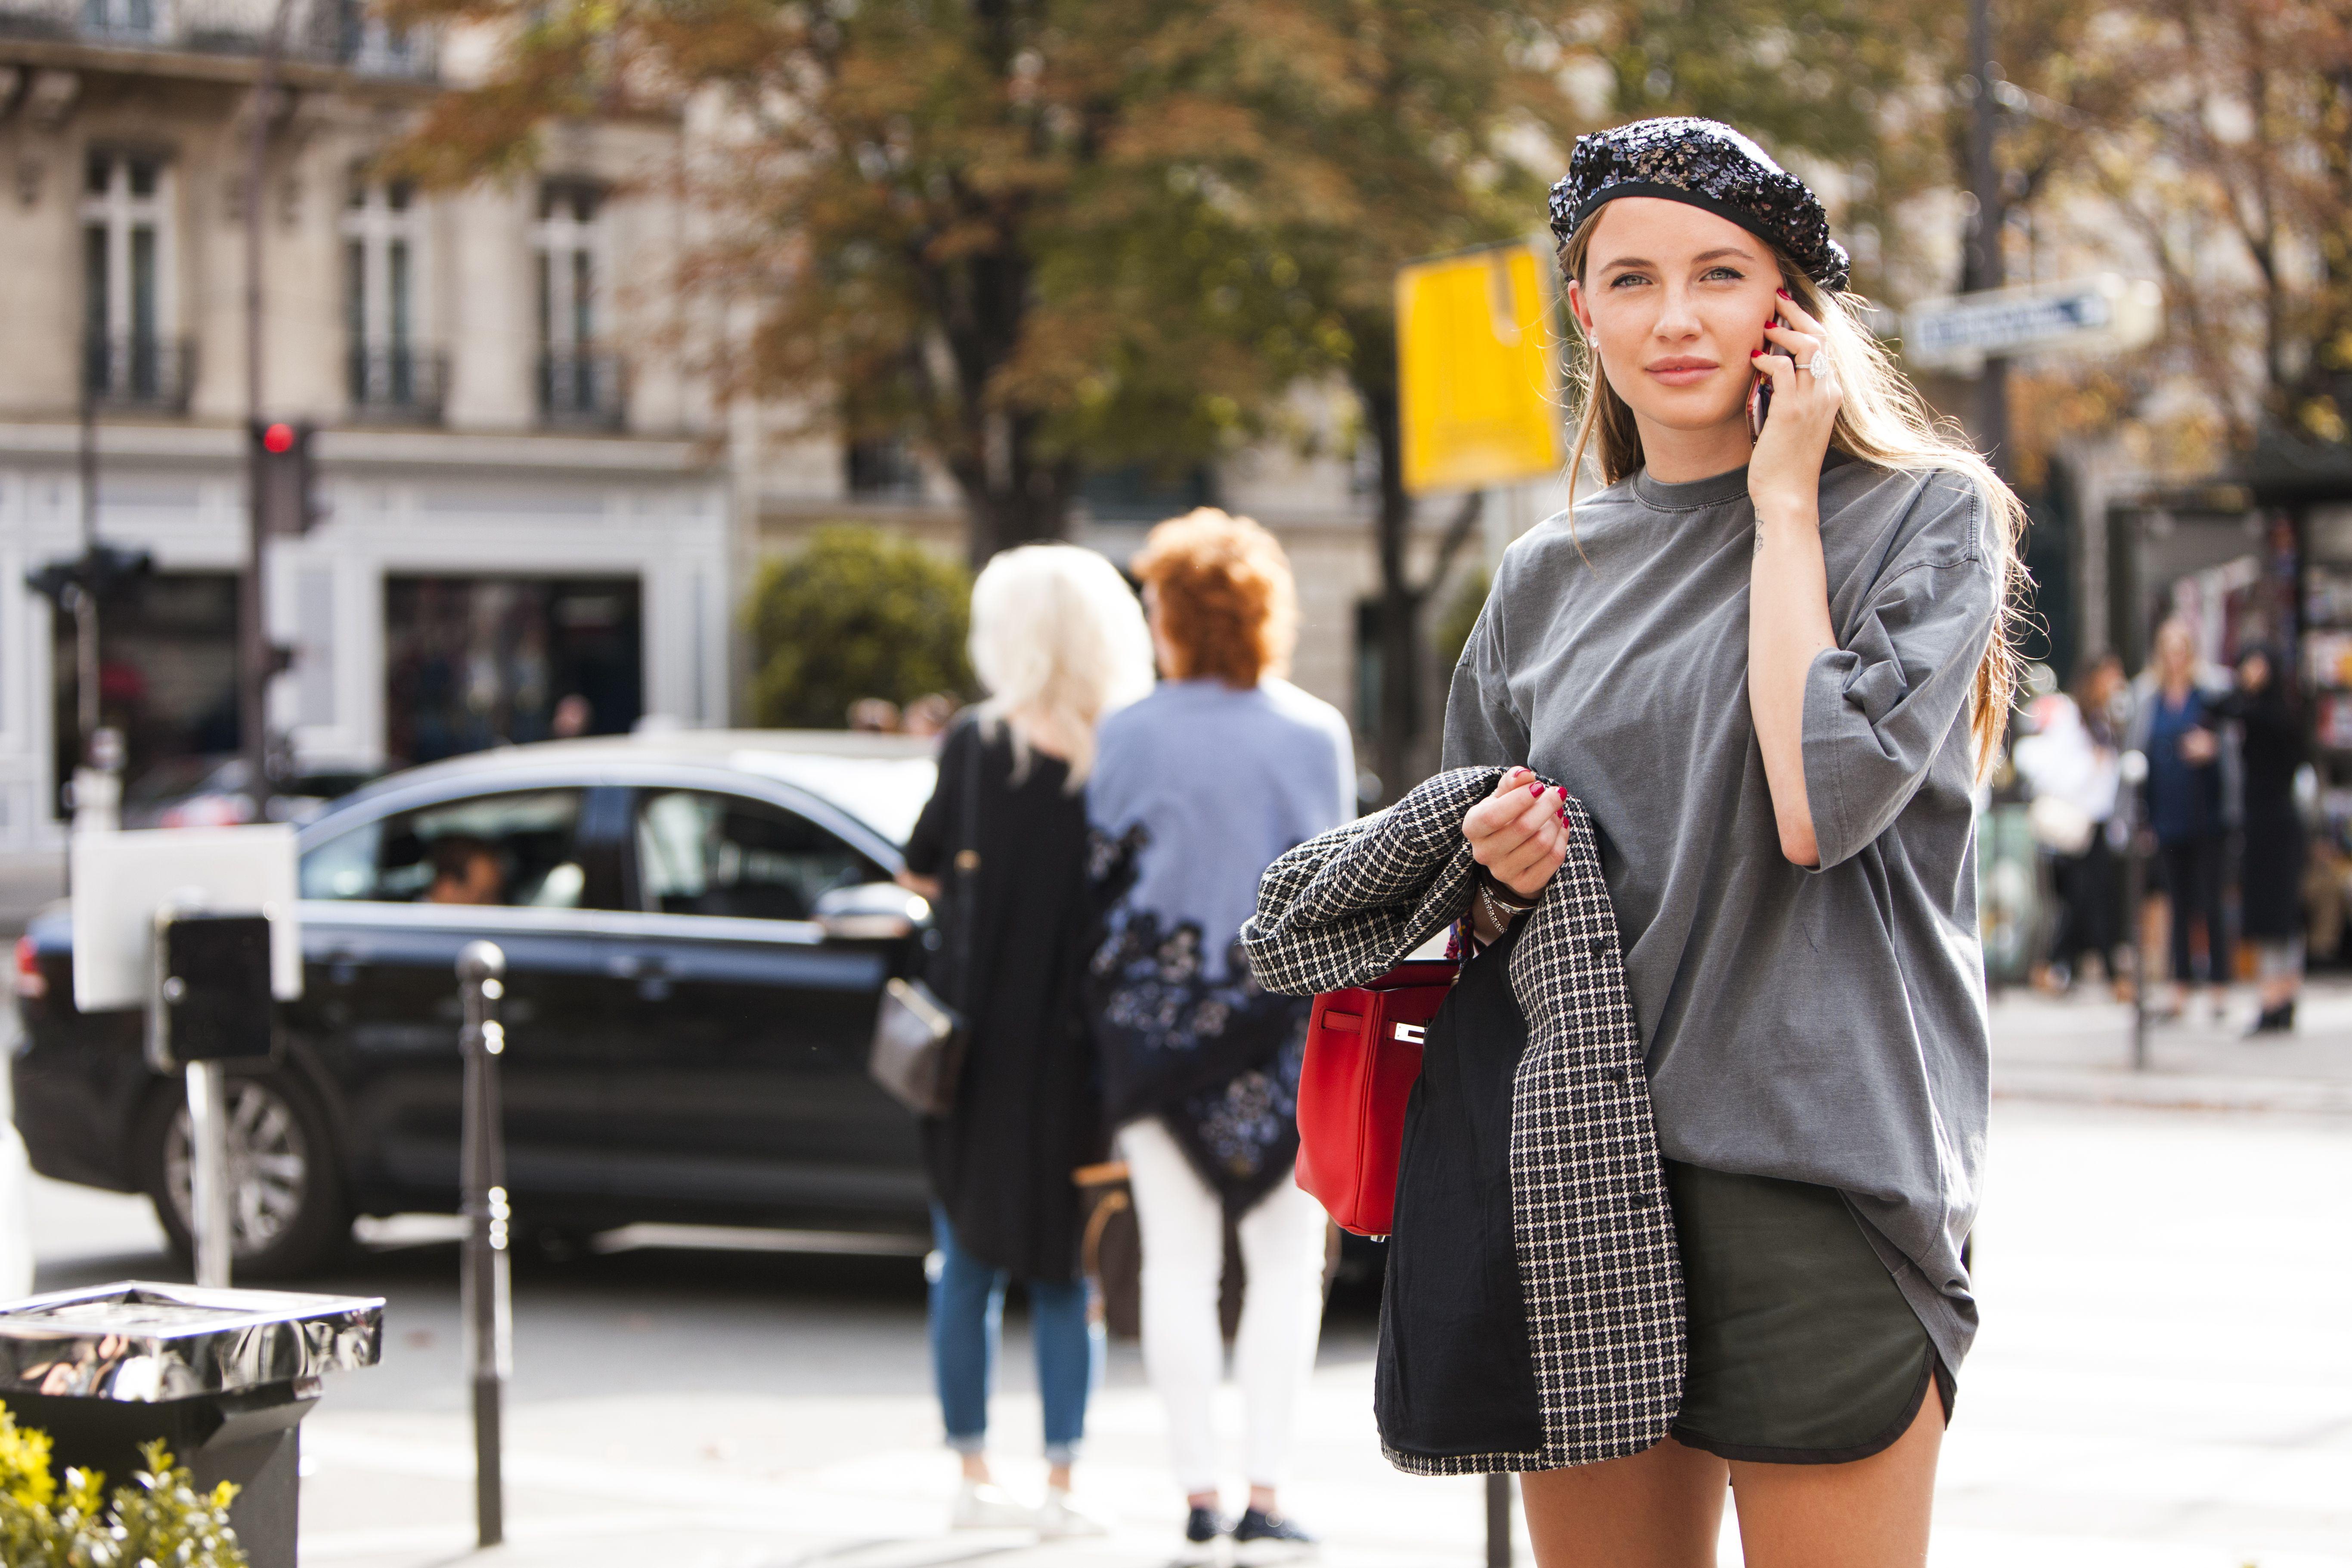 Neopterećena, jednostavna i šarmantna: Inspirirajte se ovom chic ljepoticom!